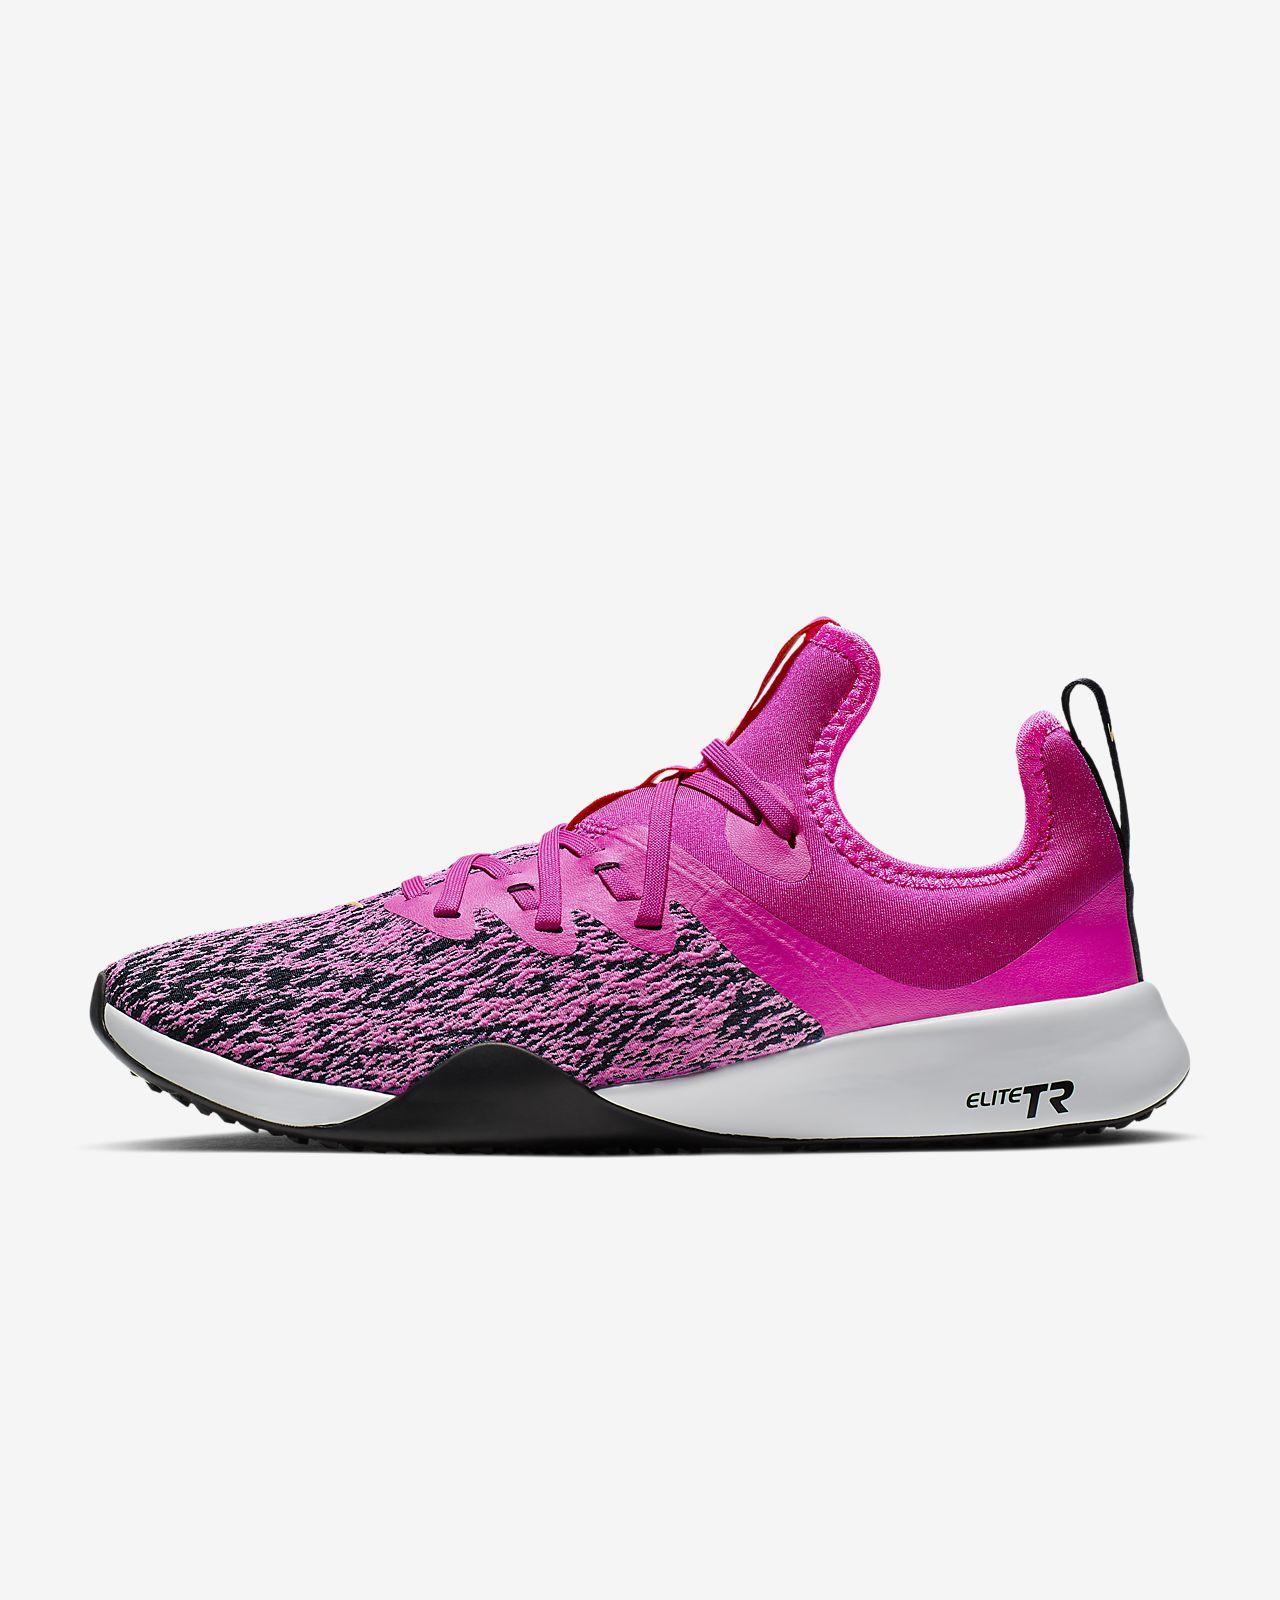 รองเท้าเทรนนิ่งผู้หญิง Nike Foundation Elite TR